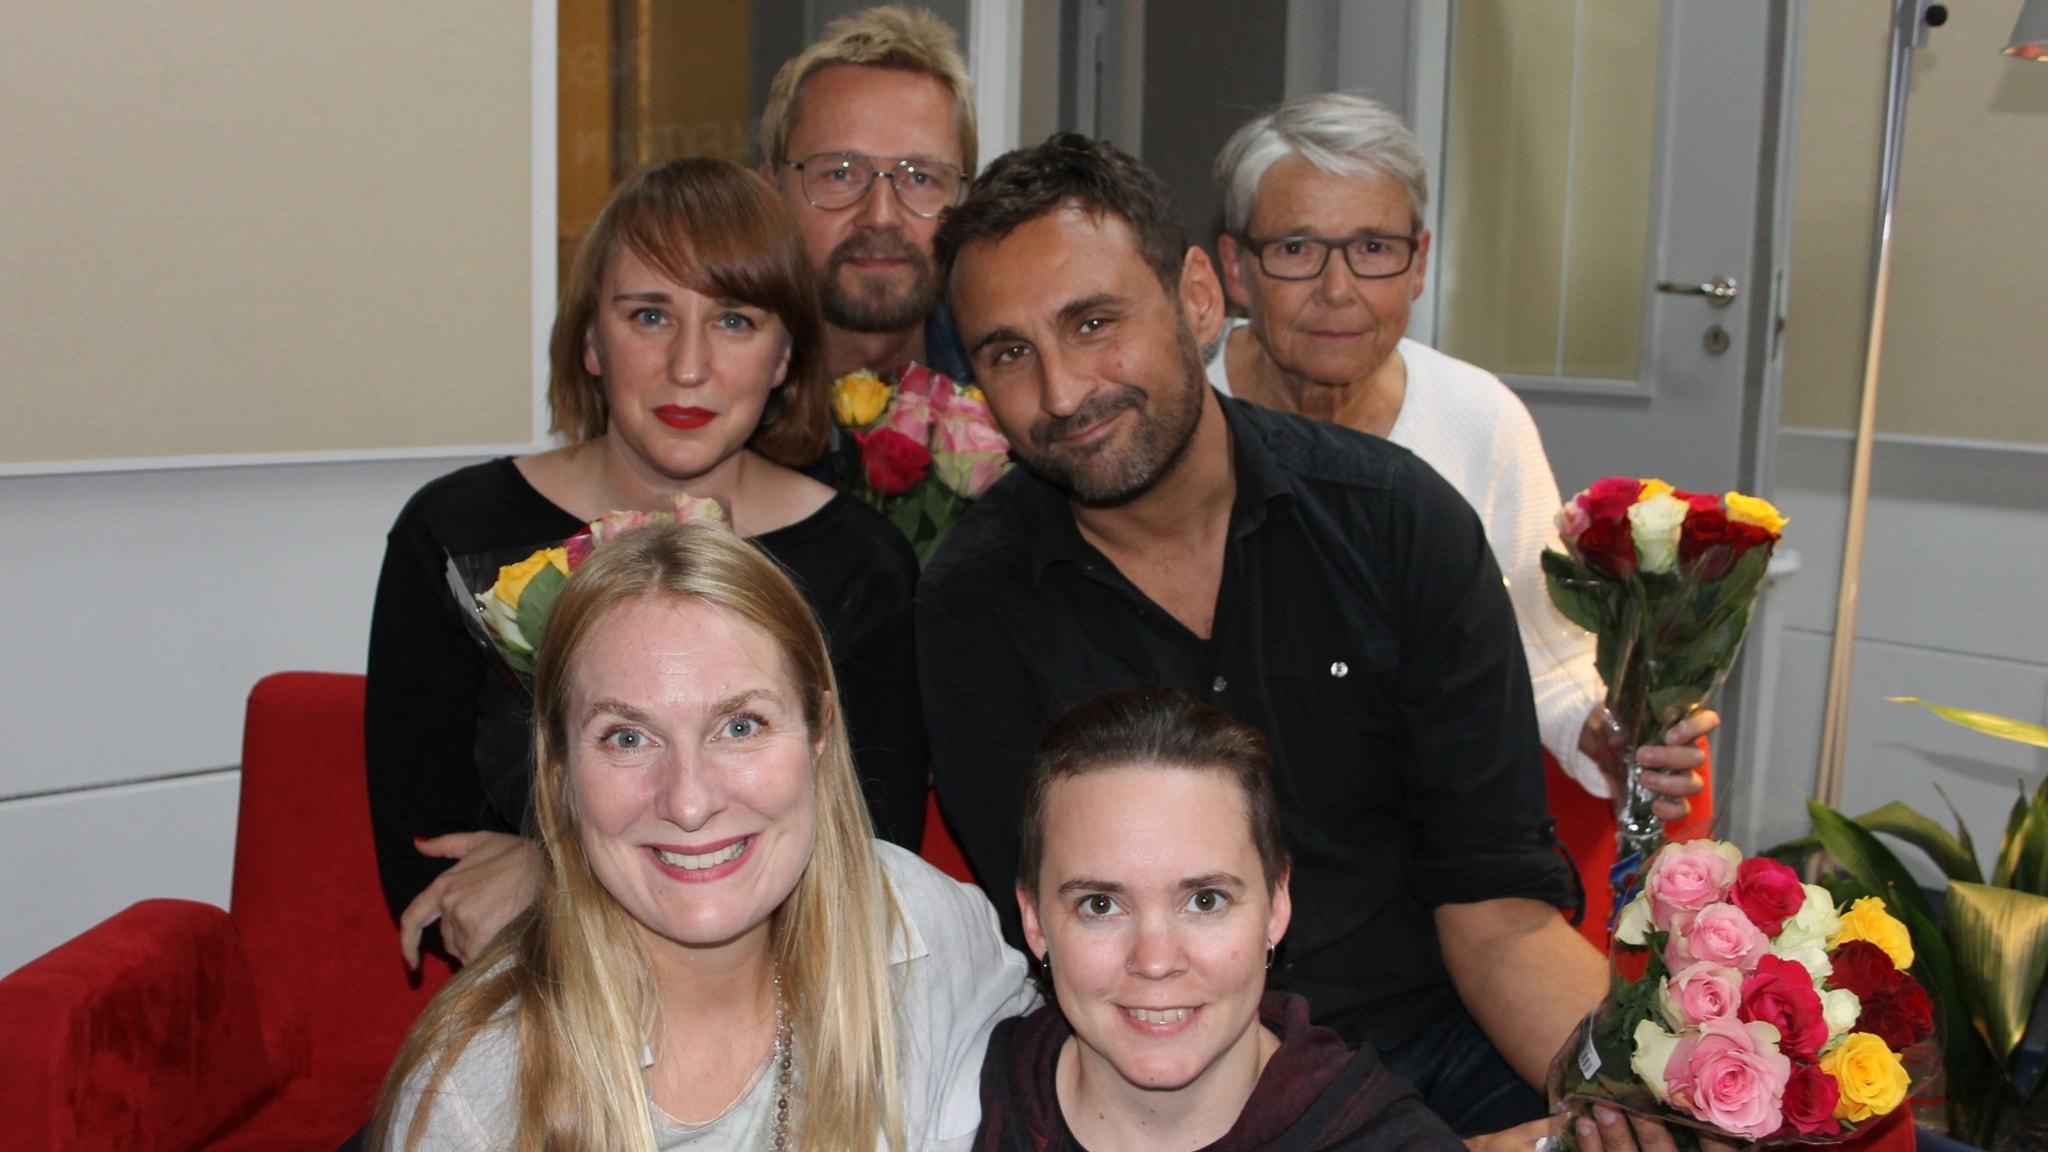 Hanna Fahl, Björn Wiman, Johar Bendjelloul och Marianne Hasslow!